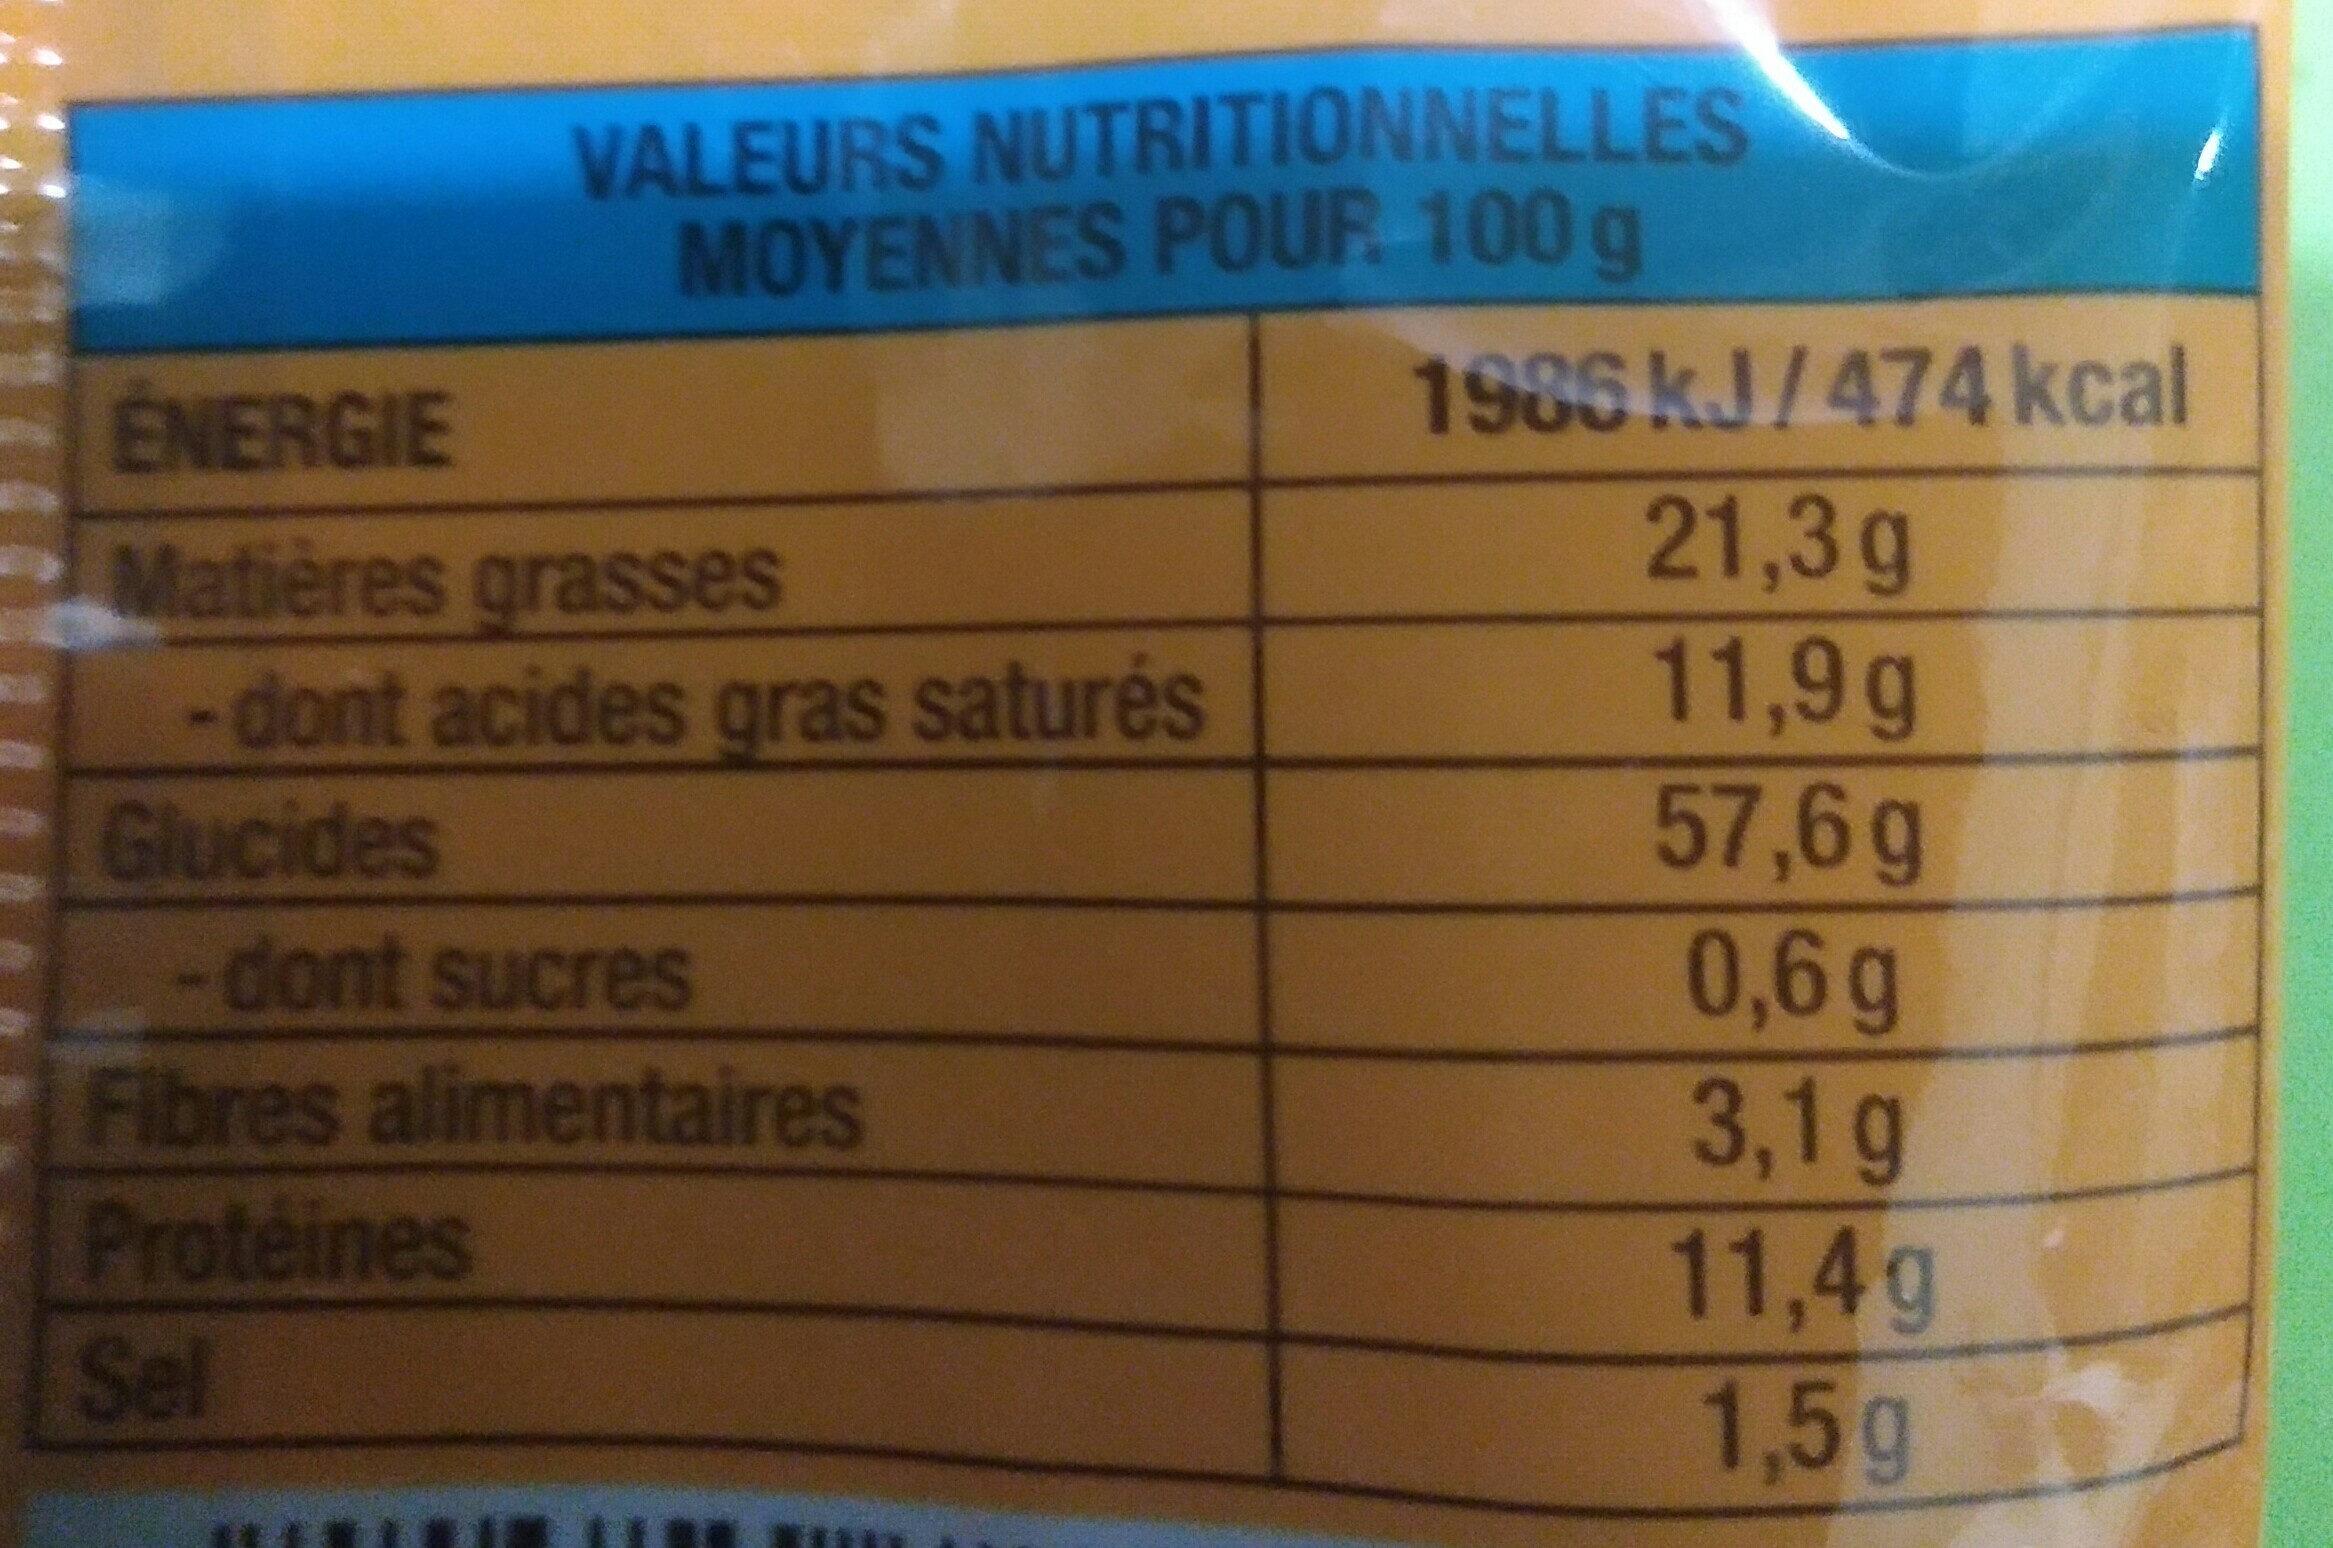 Mian Tiao saveur crevettes - 85 g - Thien Shan - Nutrition facts